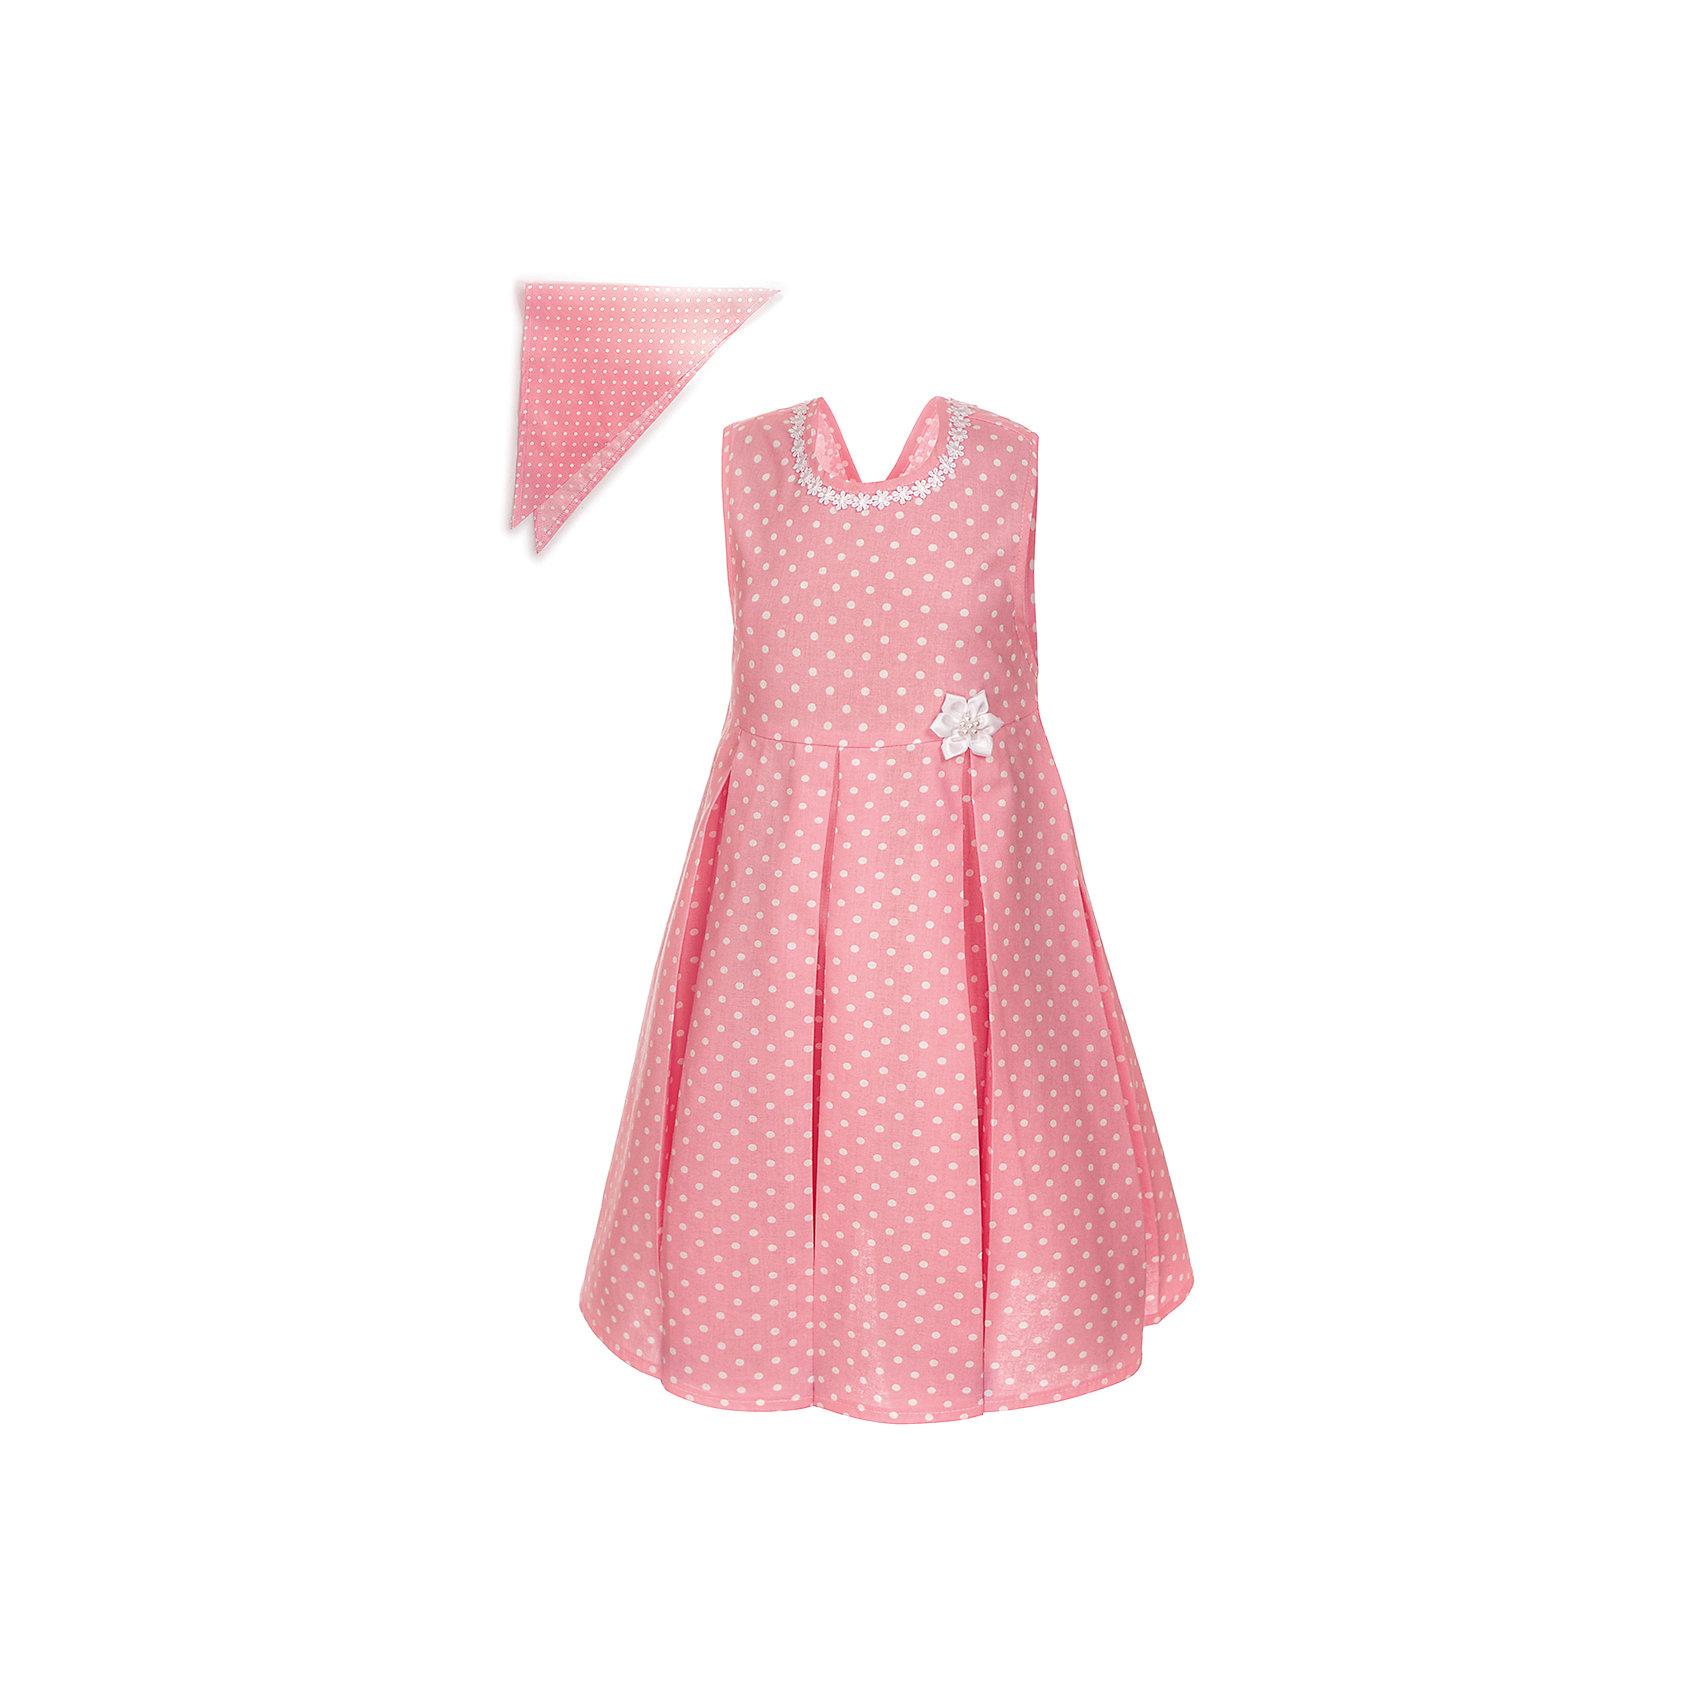 Платье M&amp;D для девочкиПлатья и сарафаны<br>Платье-сарафан для девочки из текстильного полотна.<br>С V-образным вырезом по спинке,с поясом.<br>В комплекте с косынкой.Декорировано кружевной тесьмой.<br>Соответствует размеру.<br>Рекомендуется предварительная стирка.<br>Состав:<br>100% хлопок<br><br>Ширина мм: 236<br>Глубина мм: 16<br>Высота мм: 184<br>Вес г: 177<br>Цвет: розовый<br>Возраст от месяцев: 24<br>Возраст до месяцев: 36<br>Пол: Женский<br>Возраст: Детский<br>Размер: 98,104,110,116,122<br>SKU: 7012640